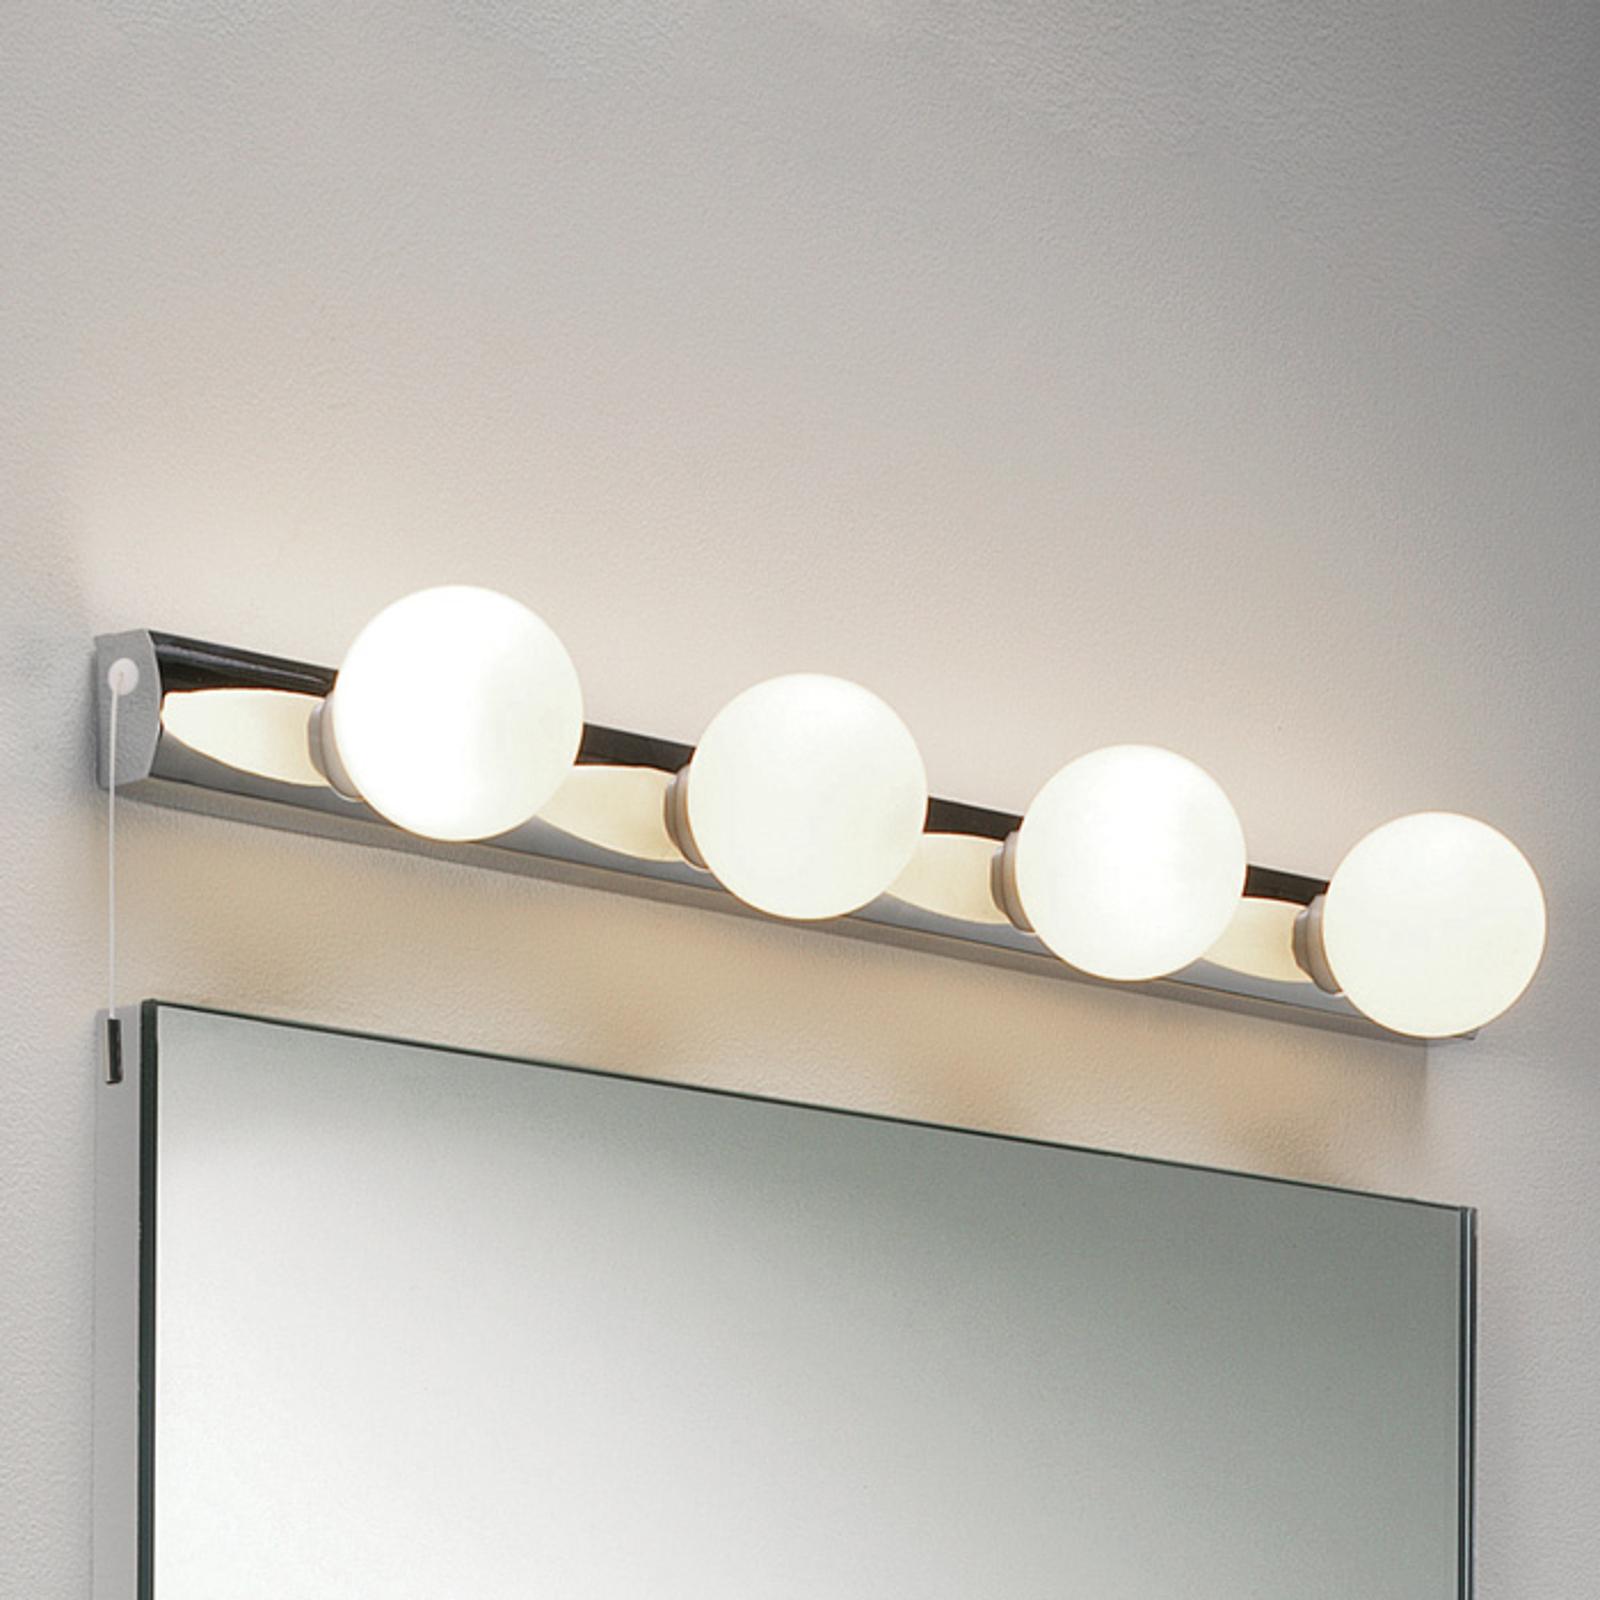 Aantrekkelijke wandlamp CABARET met trekschakelaar